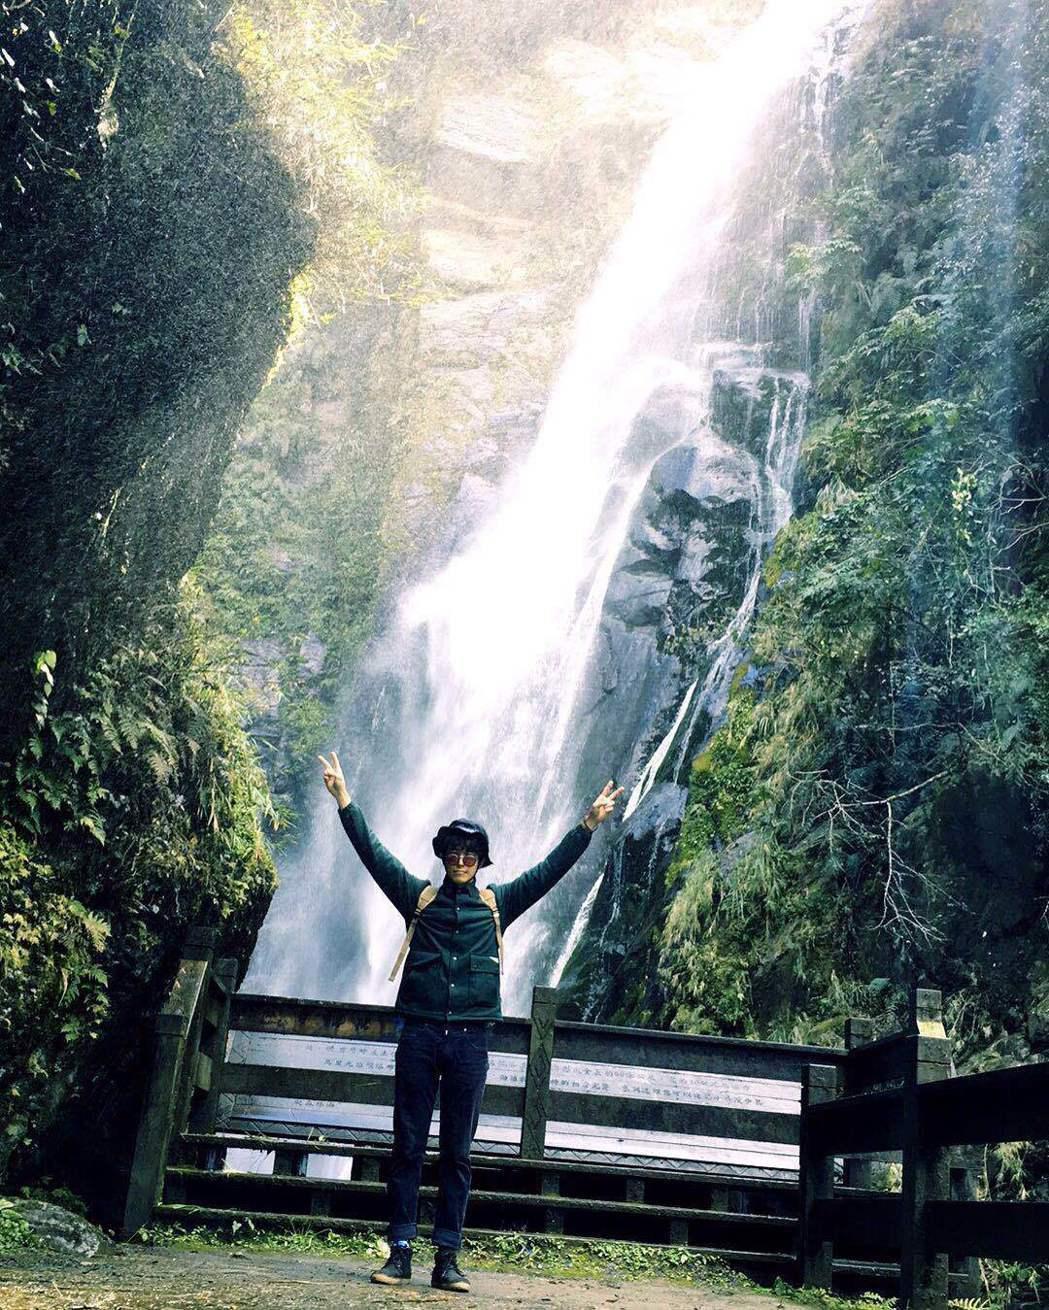 劉以豪只要一有空閒時間,就會把握出外露營,與大自然親近,讓他更容易沉澱自己。圖/...